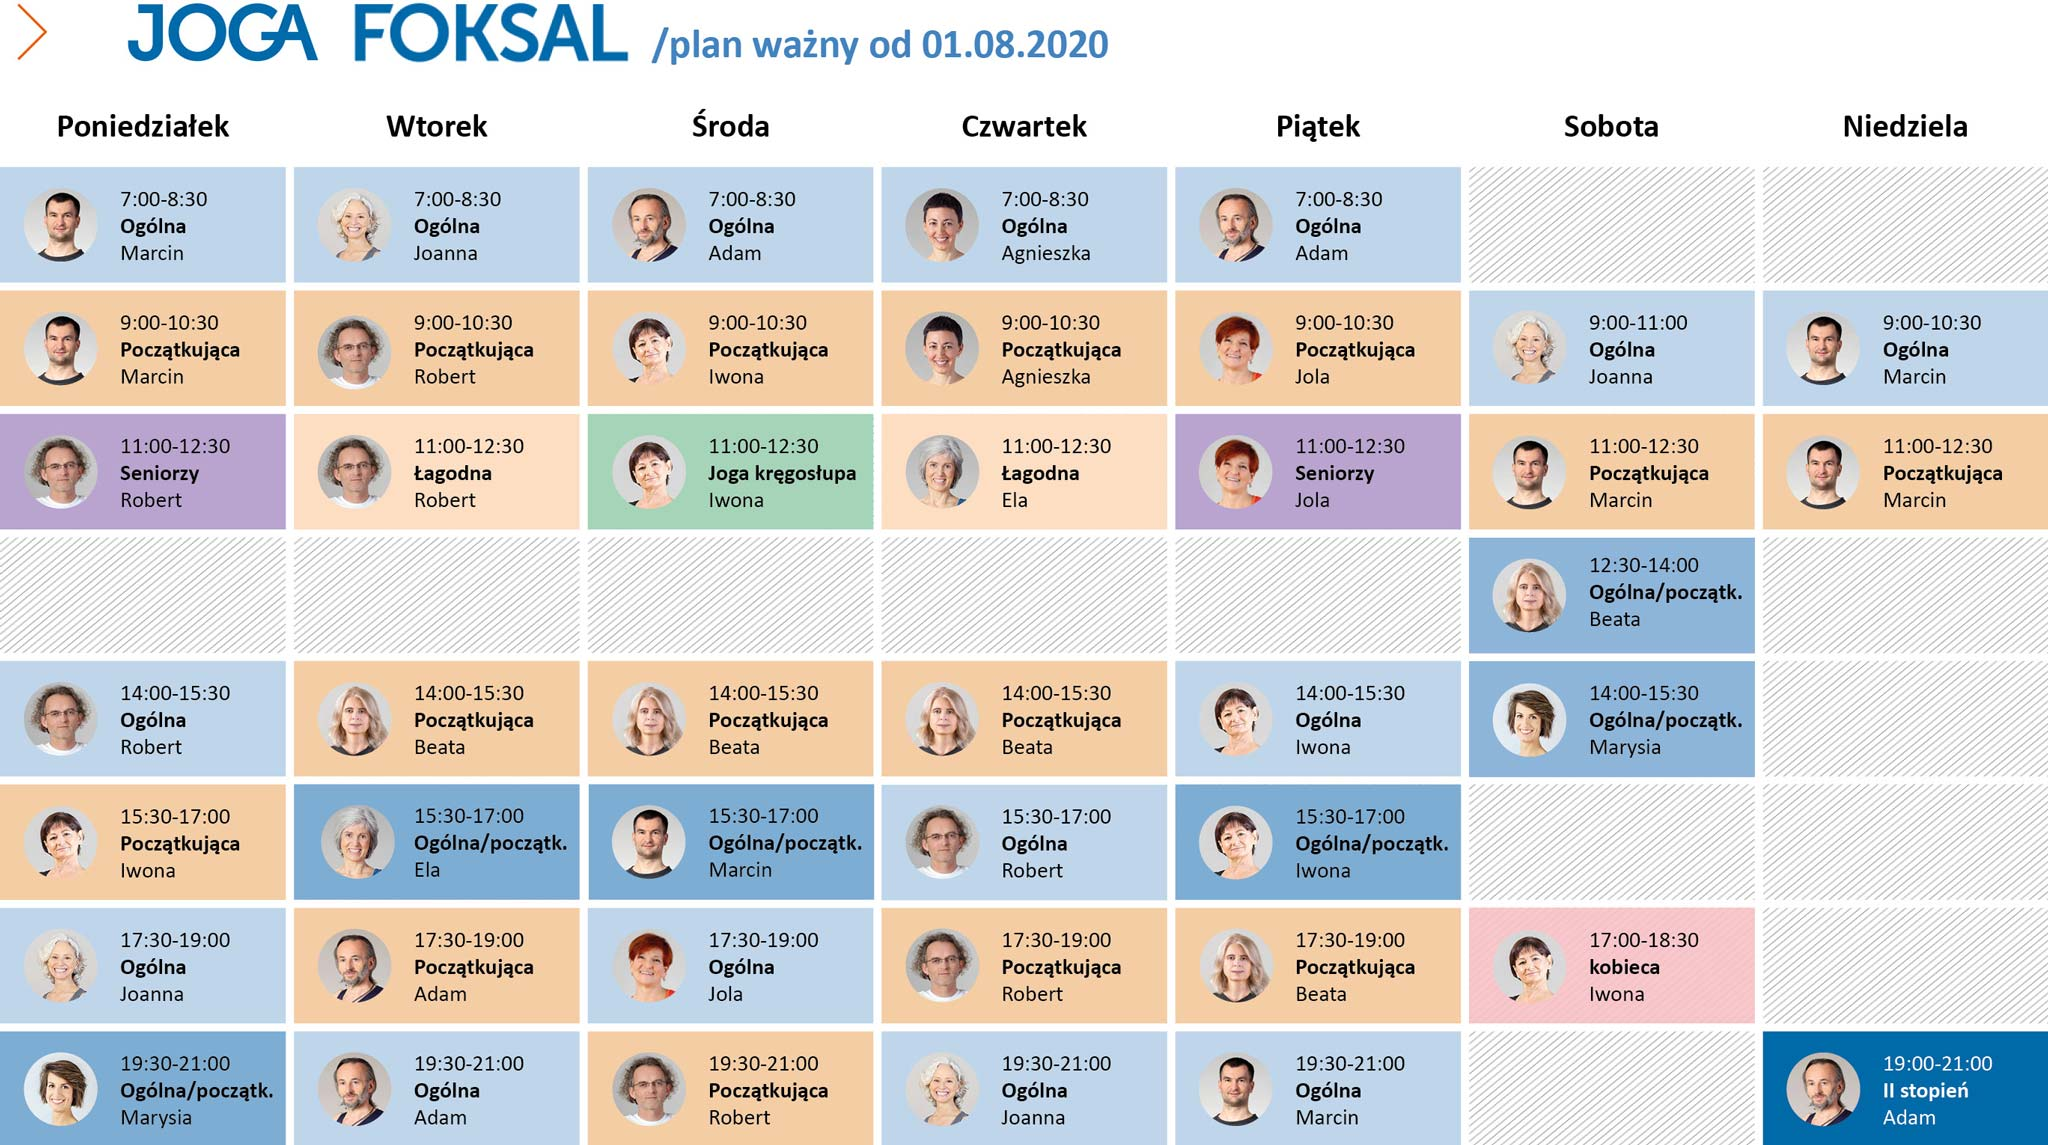 Plan zajęć na Foksal od 1 sierpnia 2020 r.